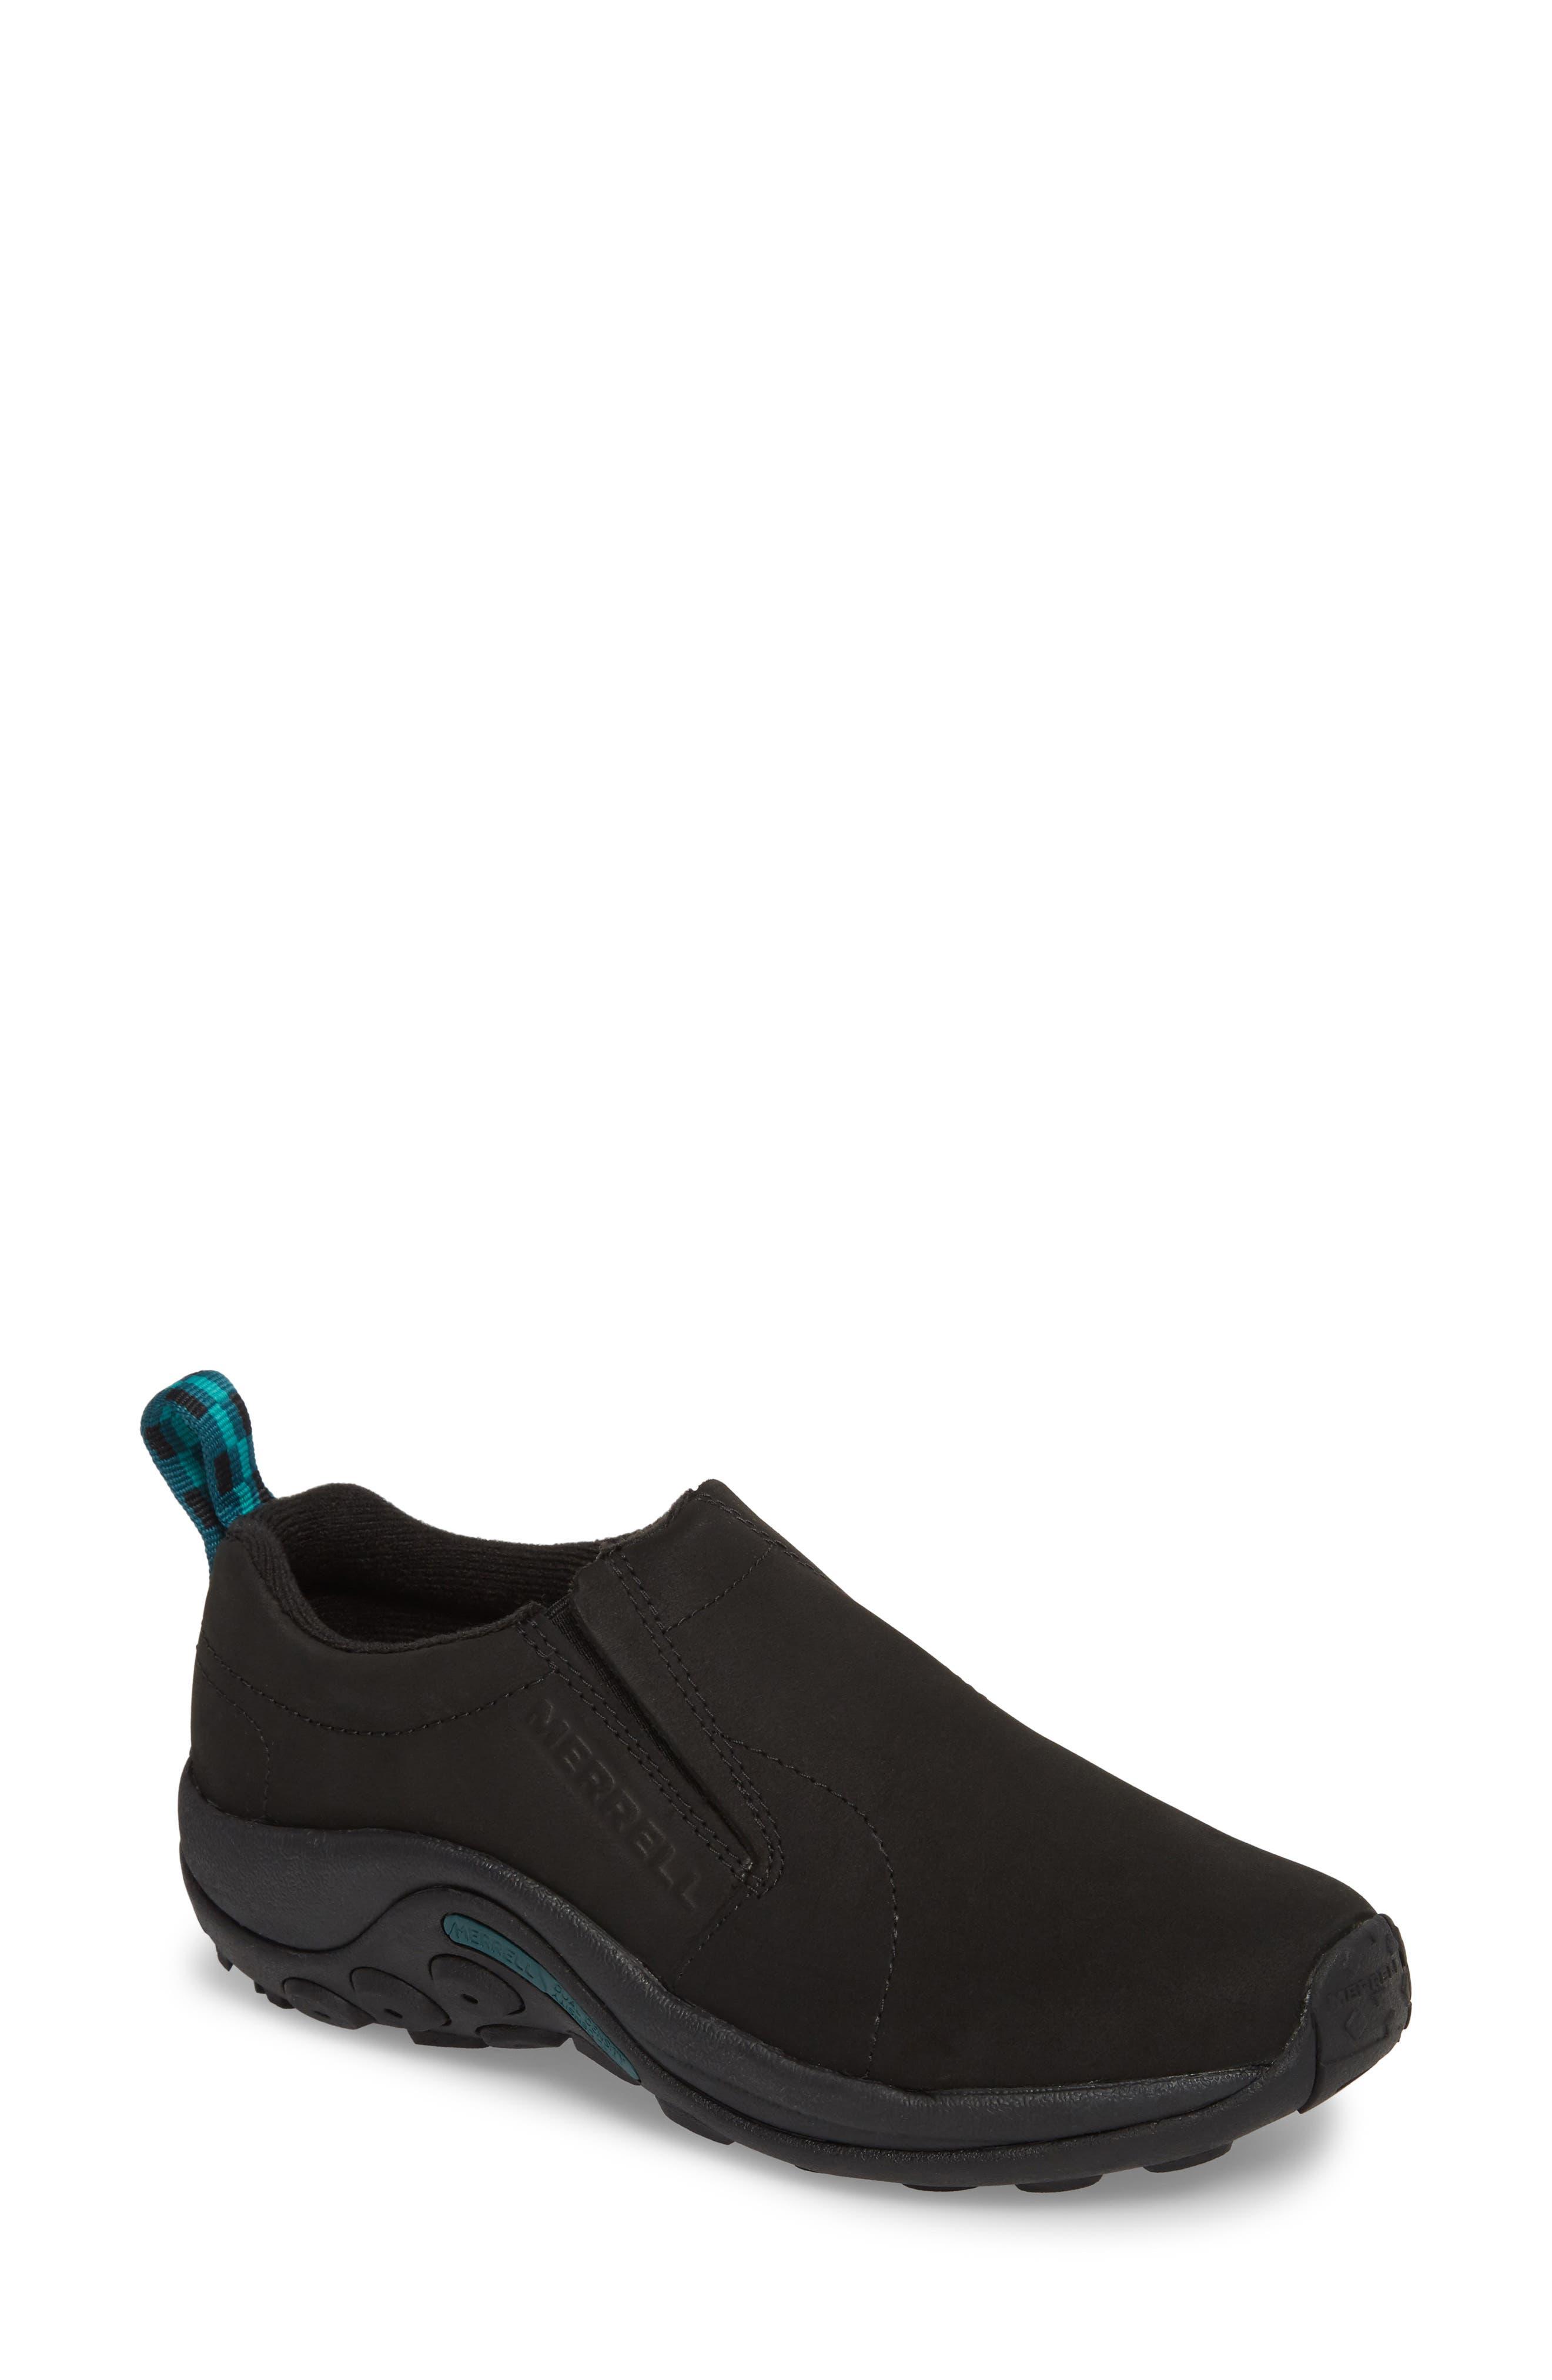 Jungle Moc Nubuck Sneaker,                             Main thumbnail 1, color,                             BLACK LEATHER